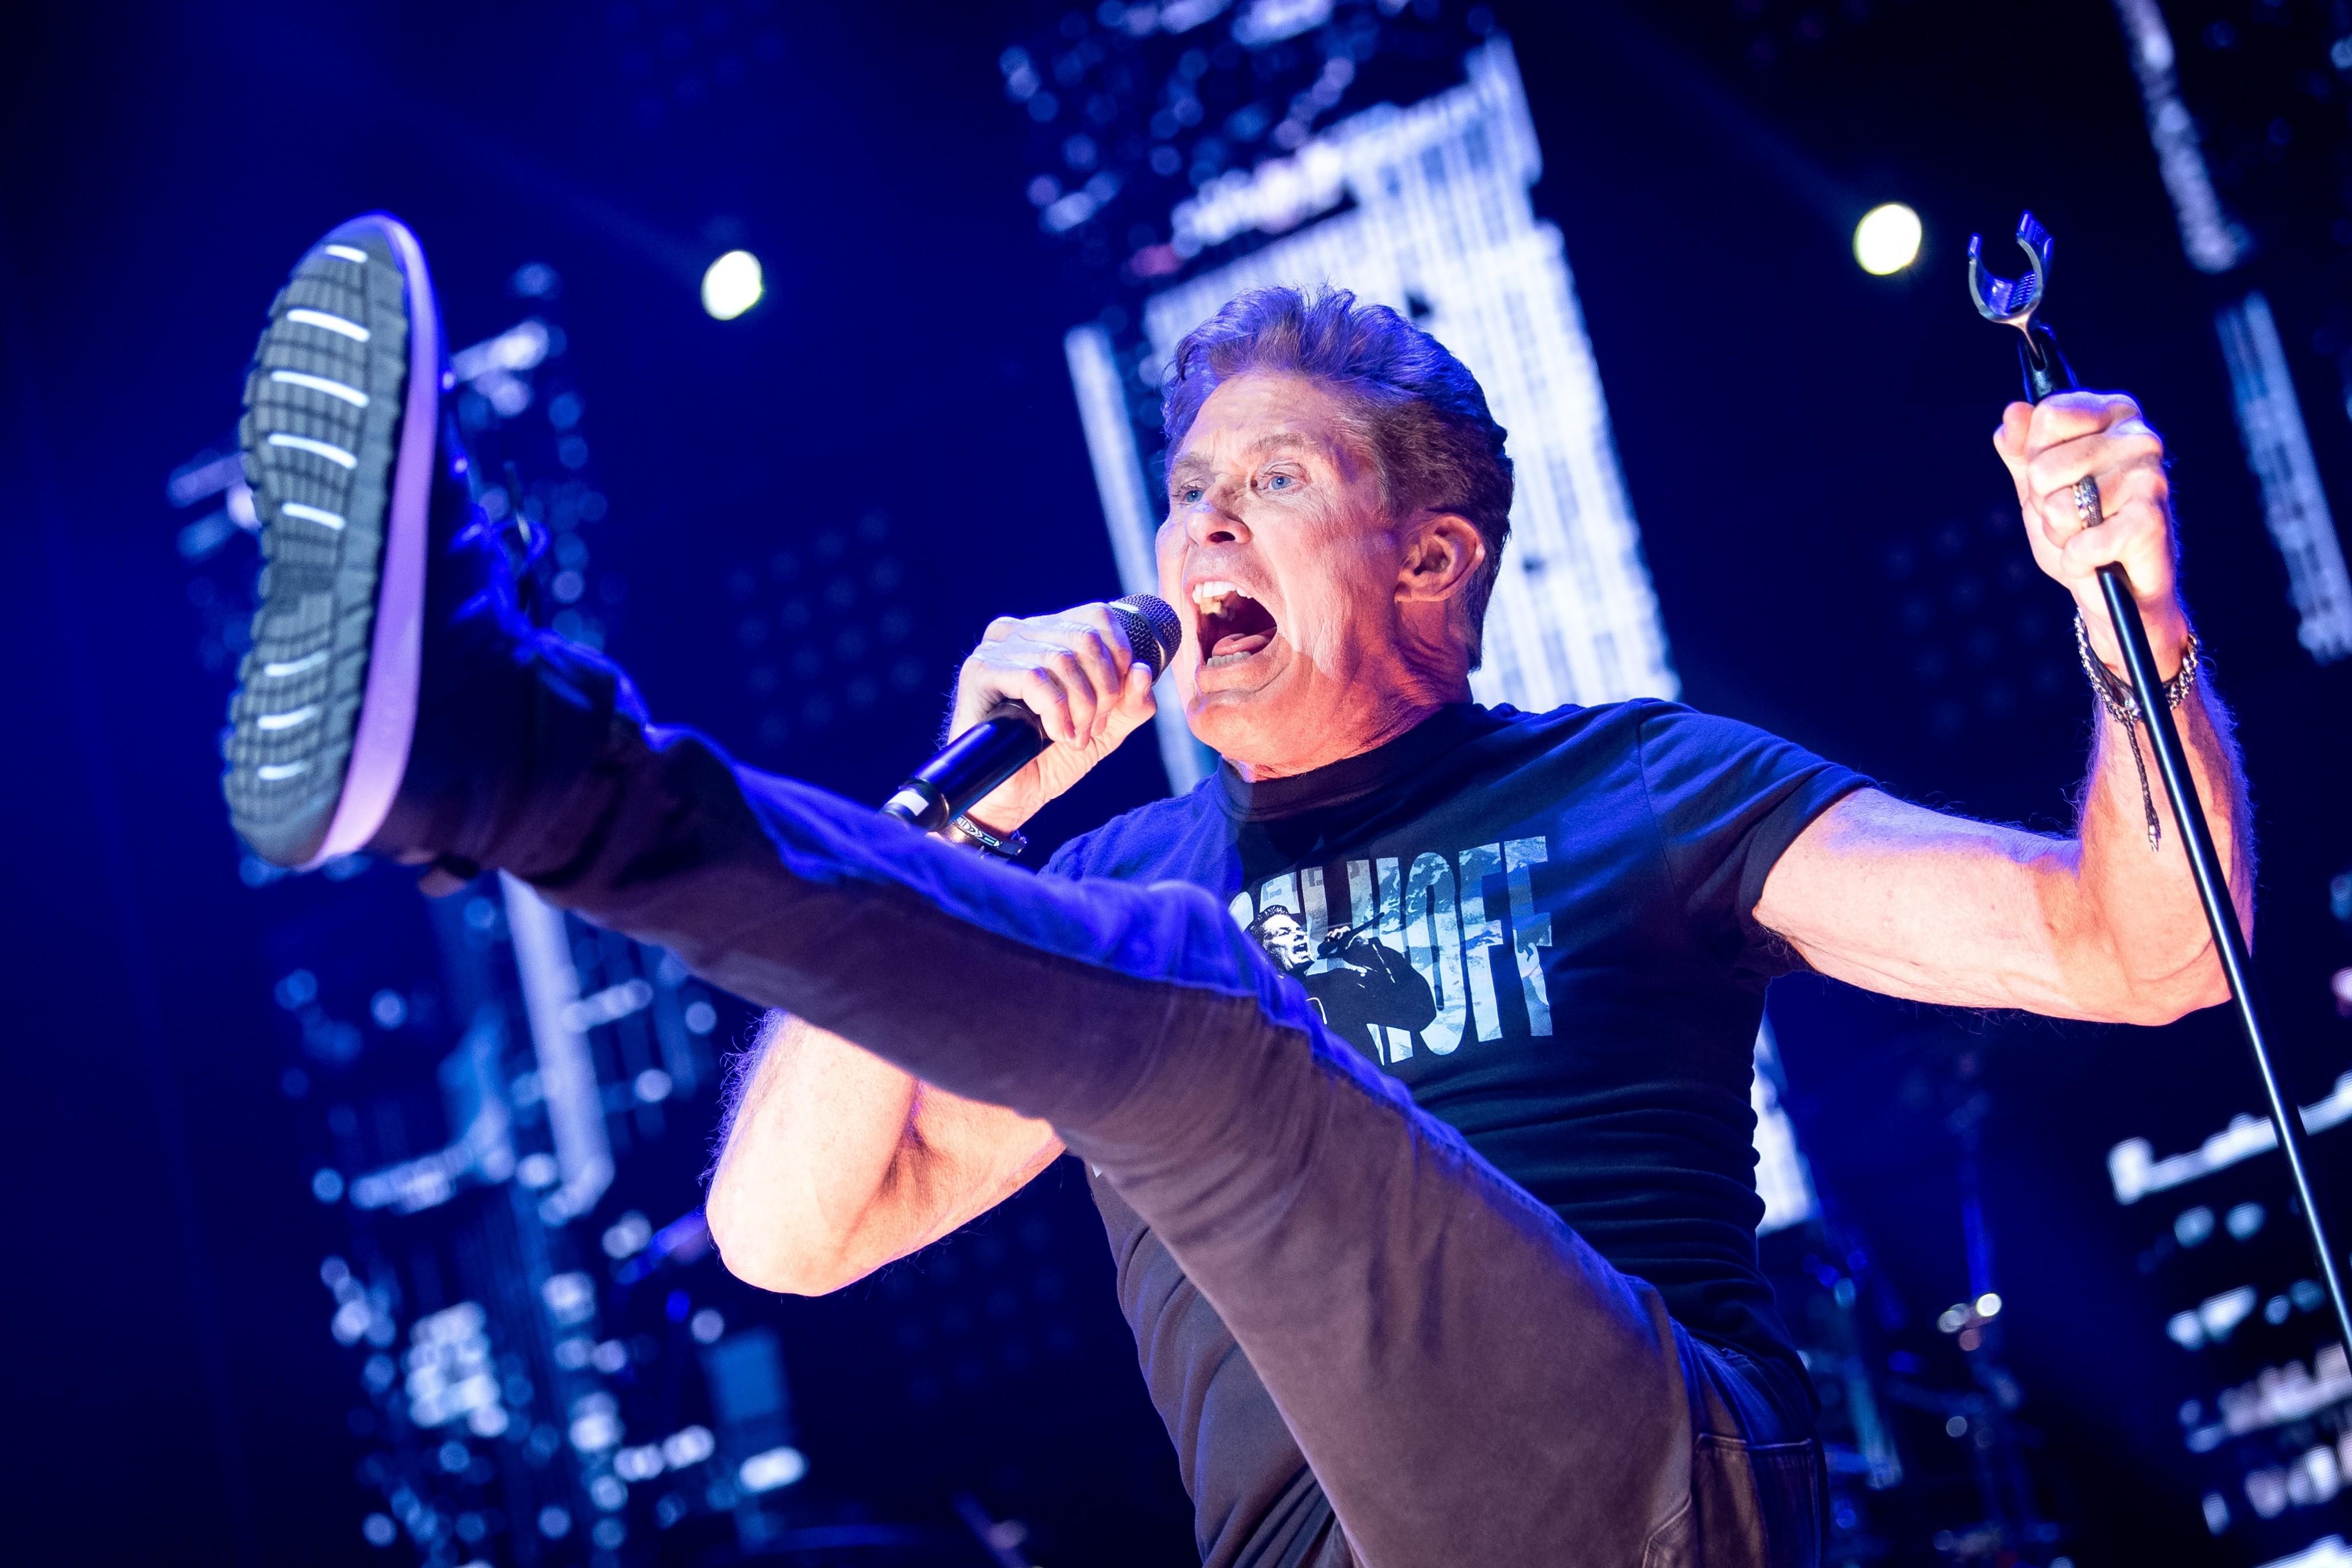 David Hasselhoff nahm Song mit Wiener Heavy Metal Band auf